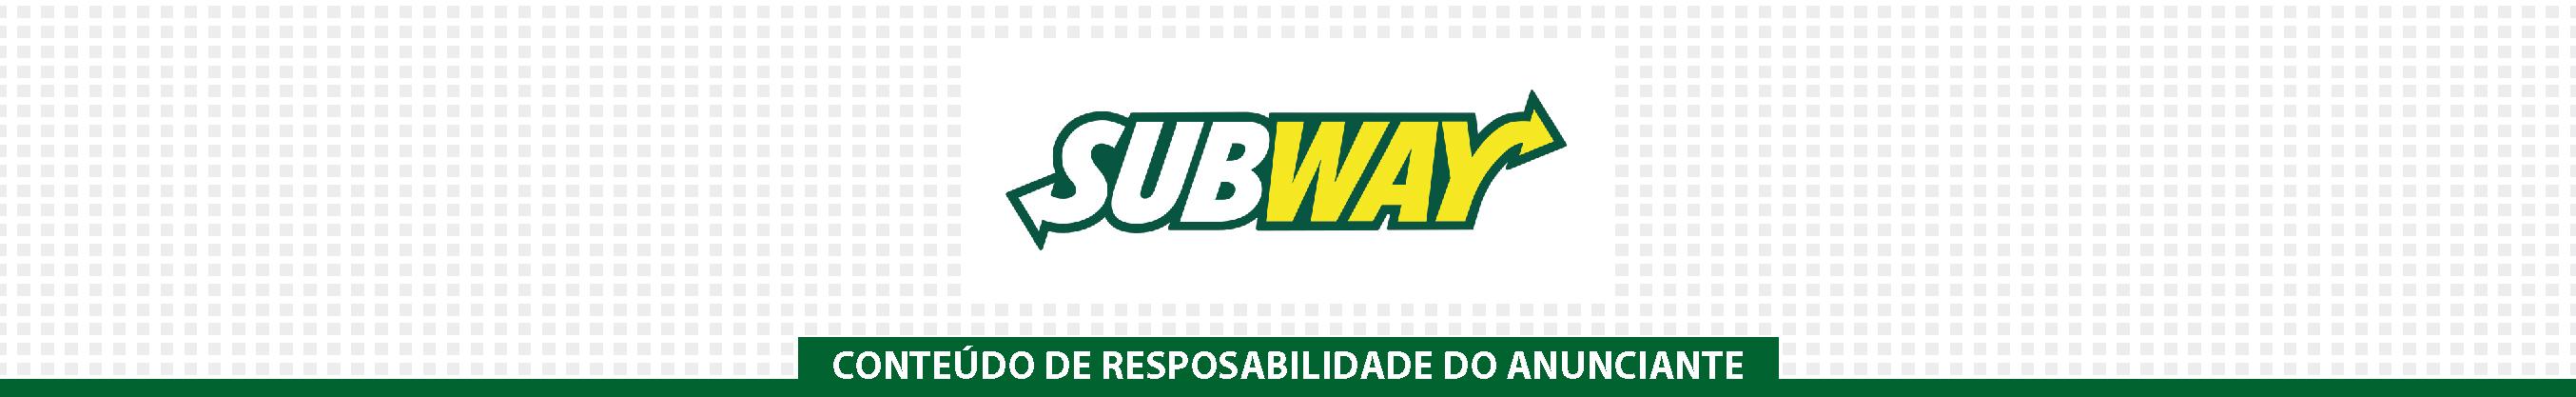 assinapublis_subway-01